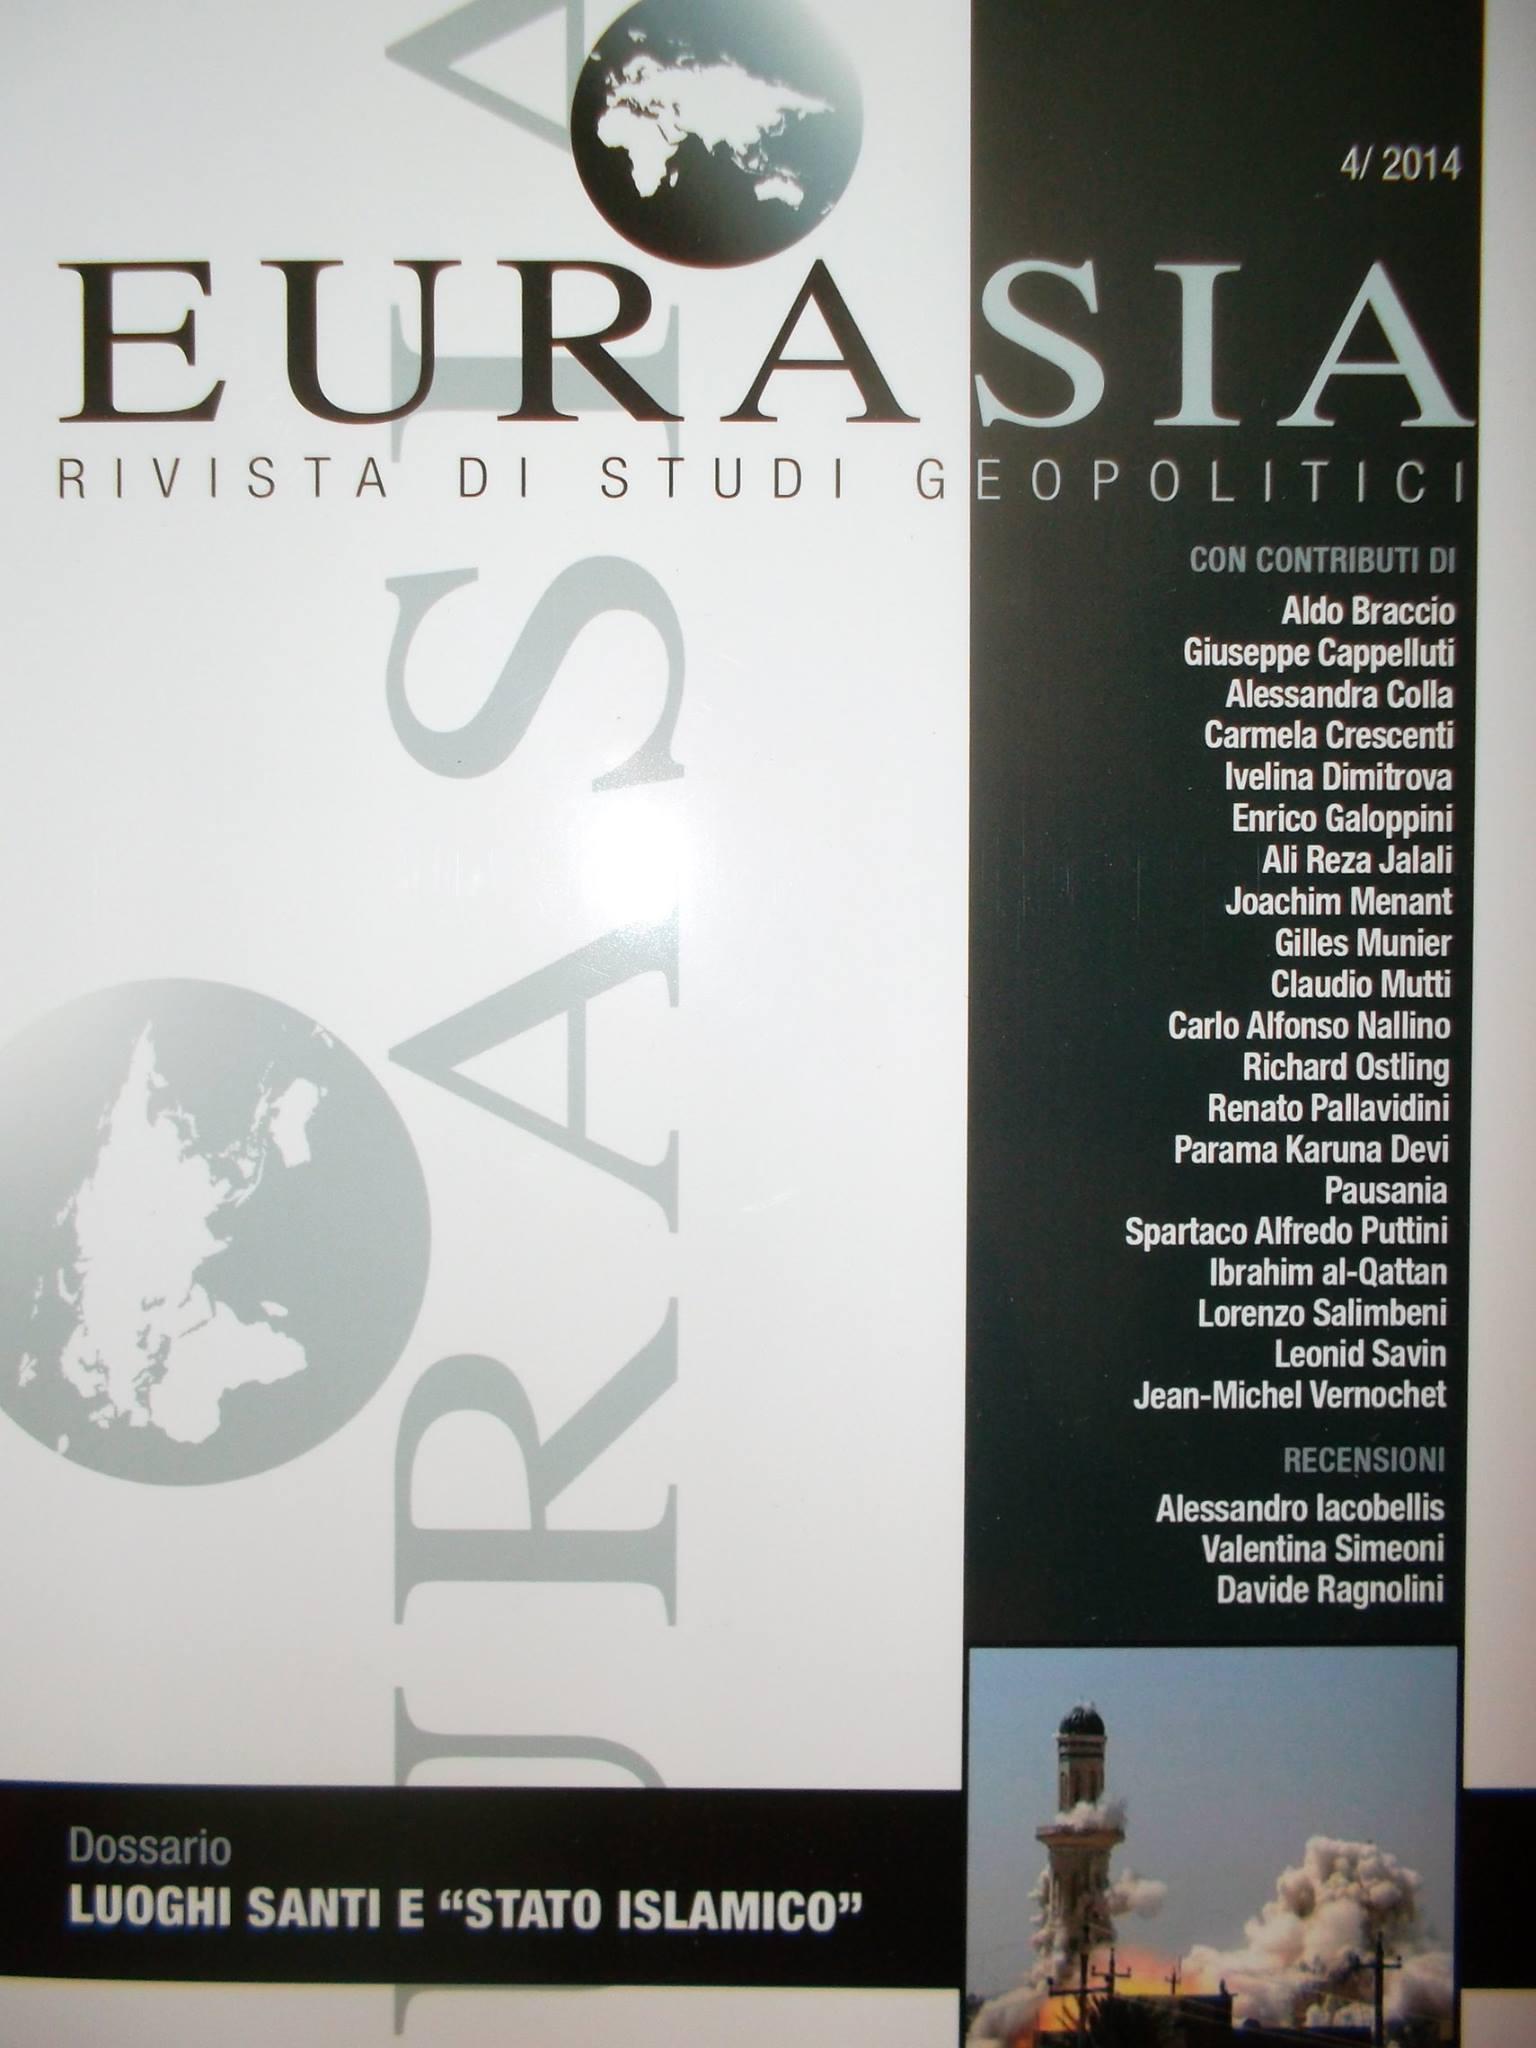 EURASIA – Rivista di studi geopolitici